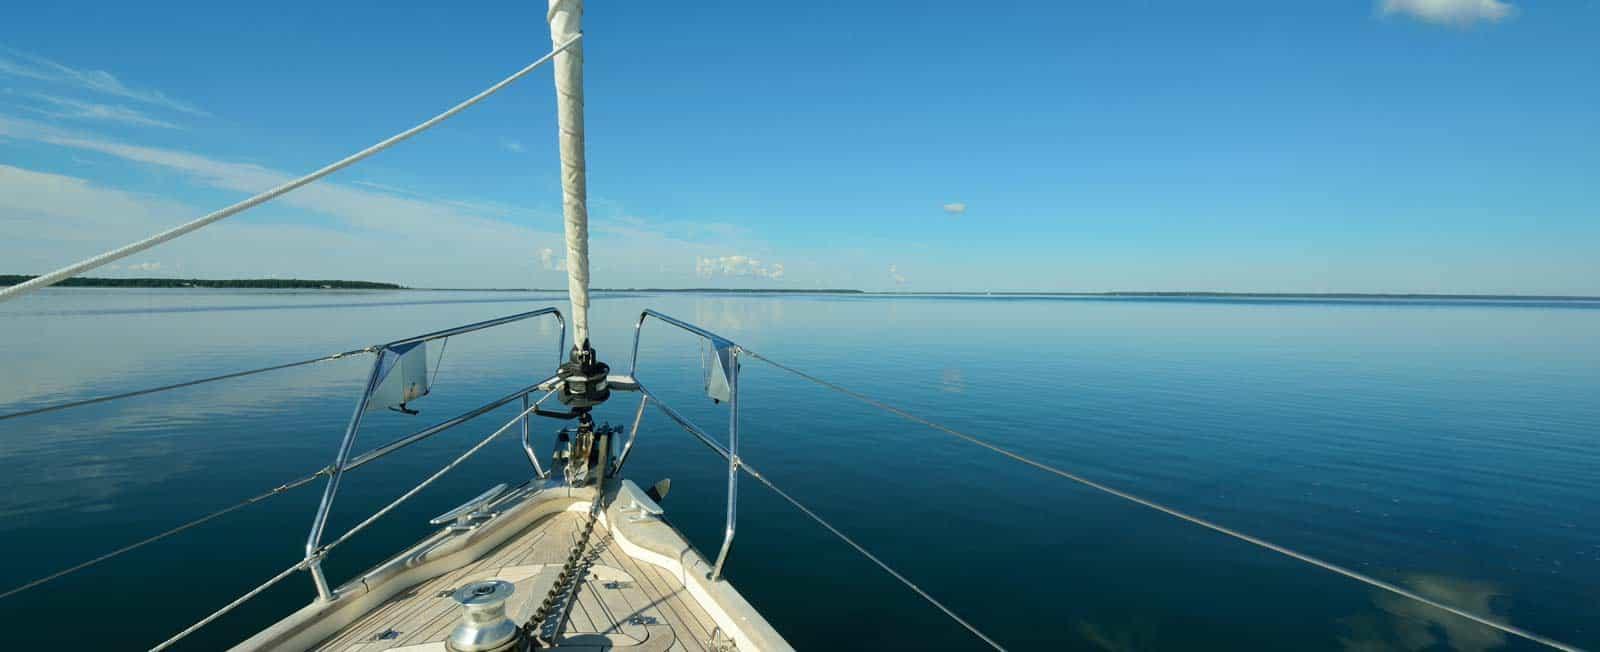 bluewater cruising